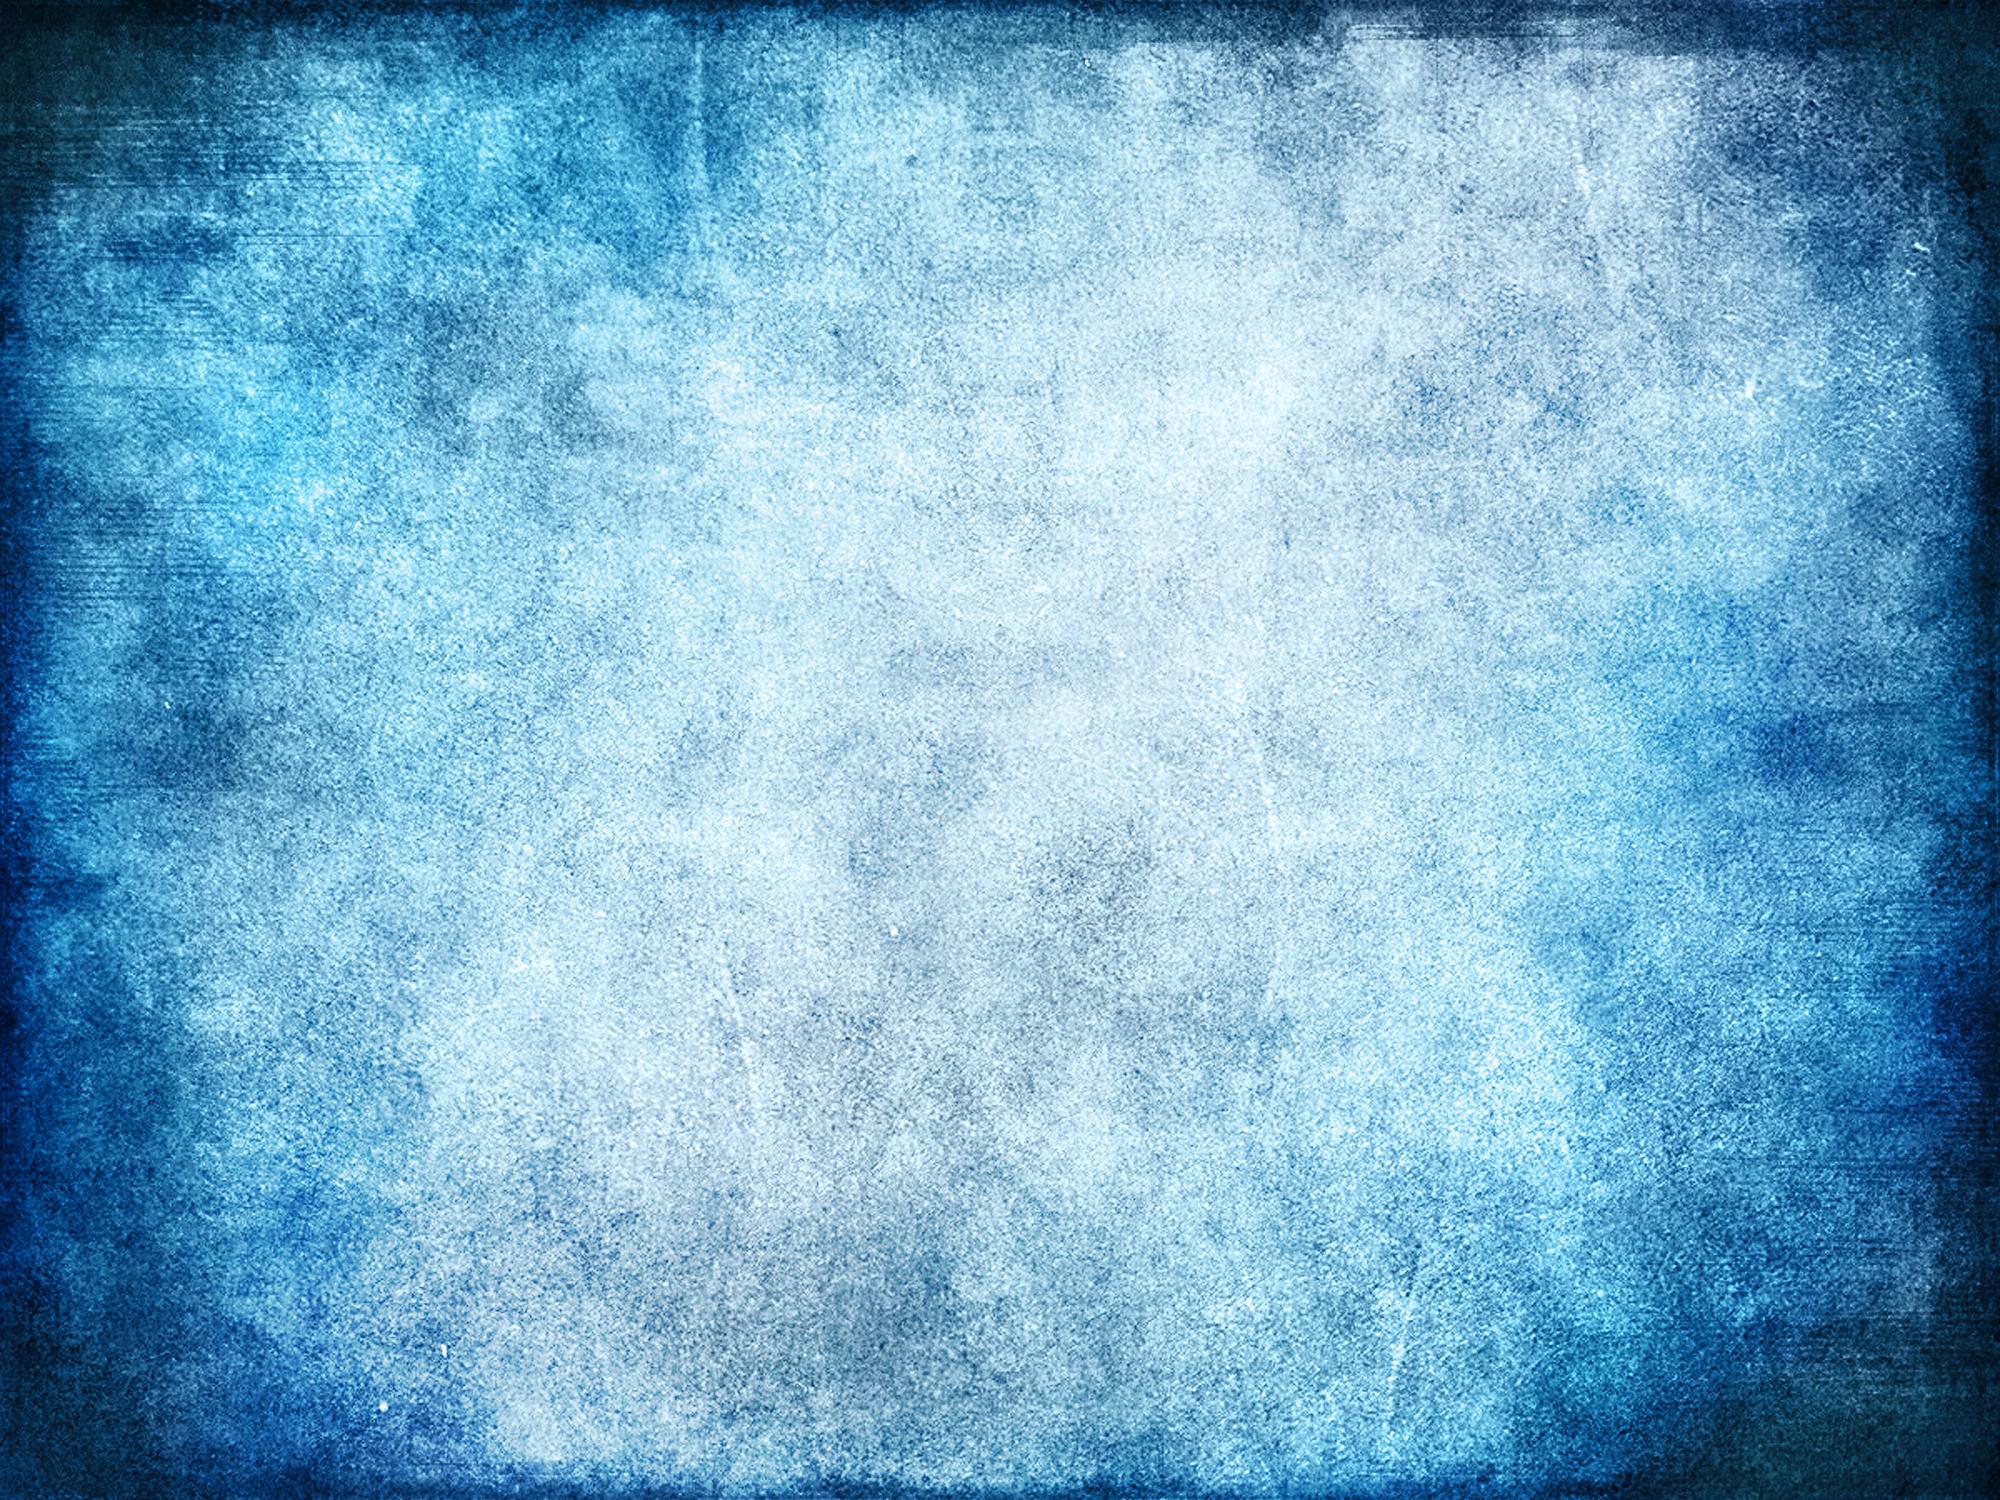 UNRESTRICTED - Digital Grunge Texture 12